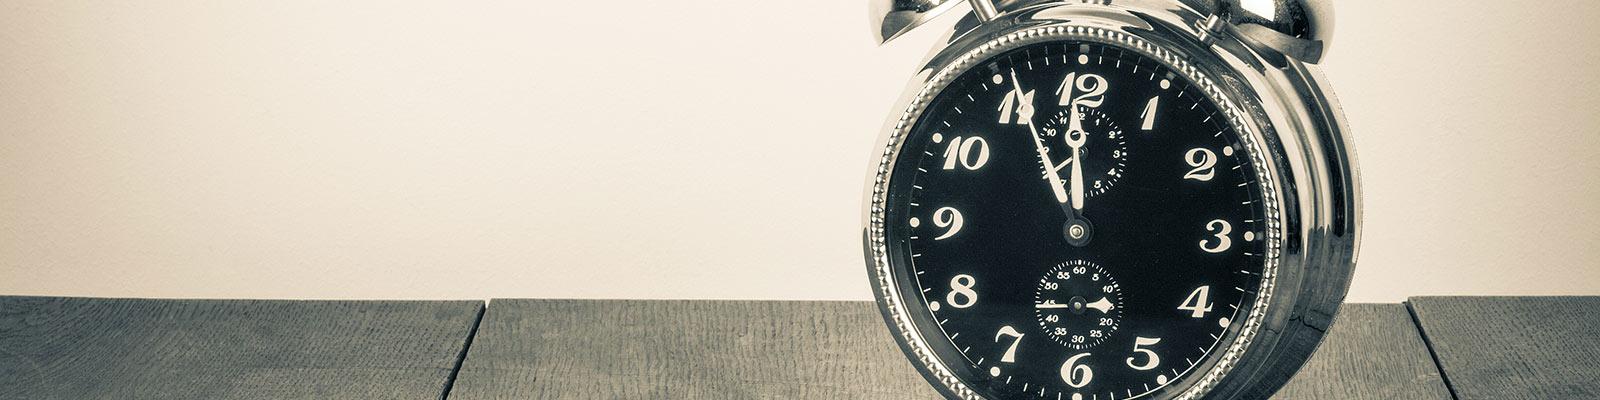 Zeitmanagement am Arbeitsplatz